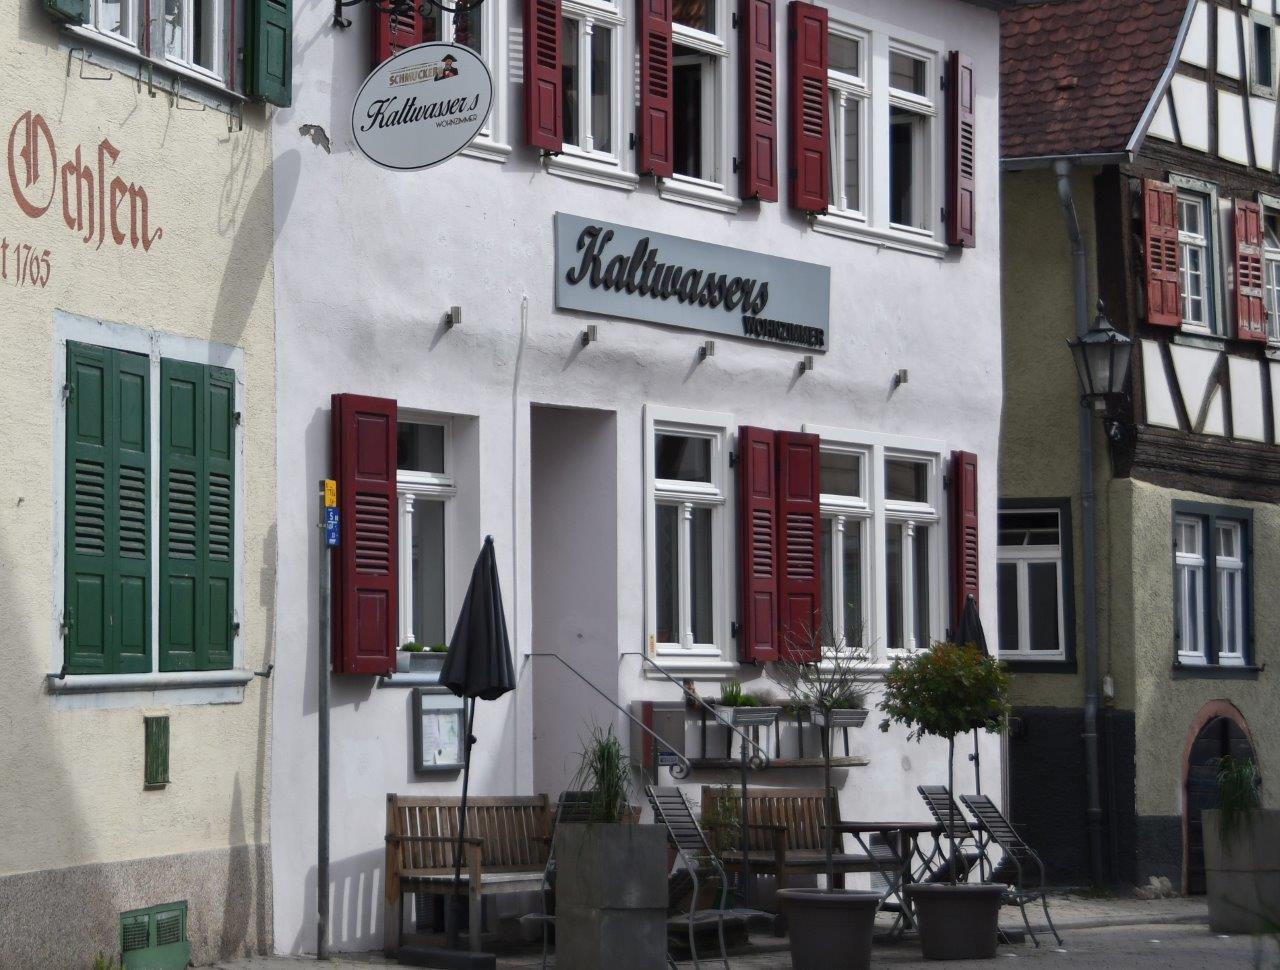 Kaltwassers Wohnzimmer - kus-kamera-und-schreibkram.de